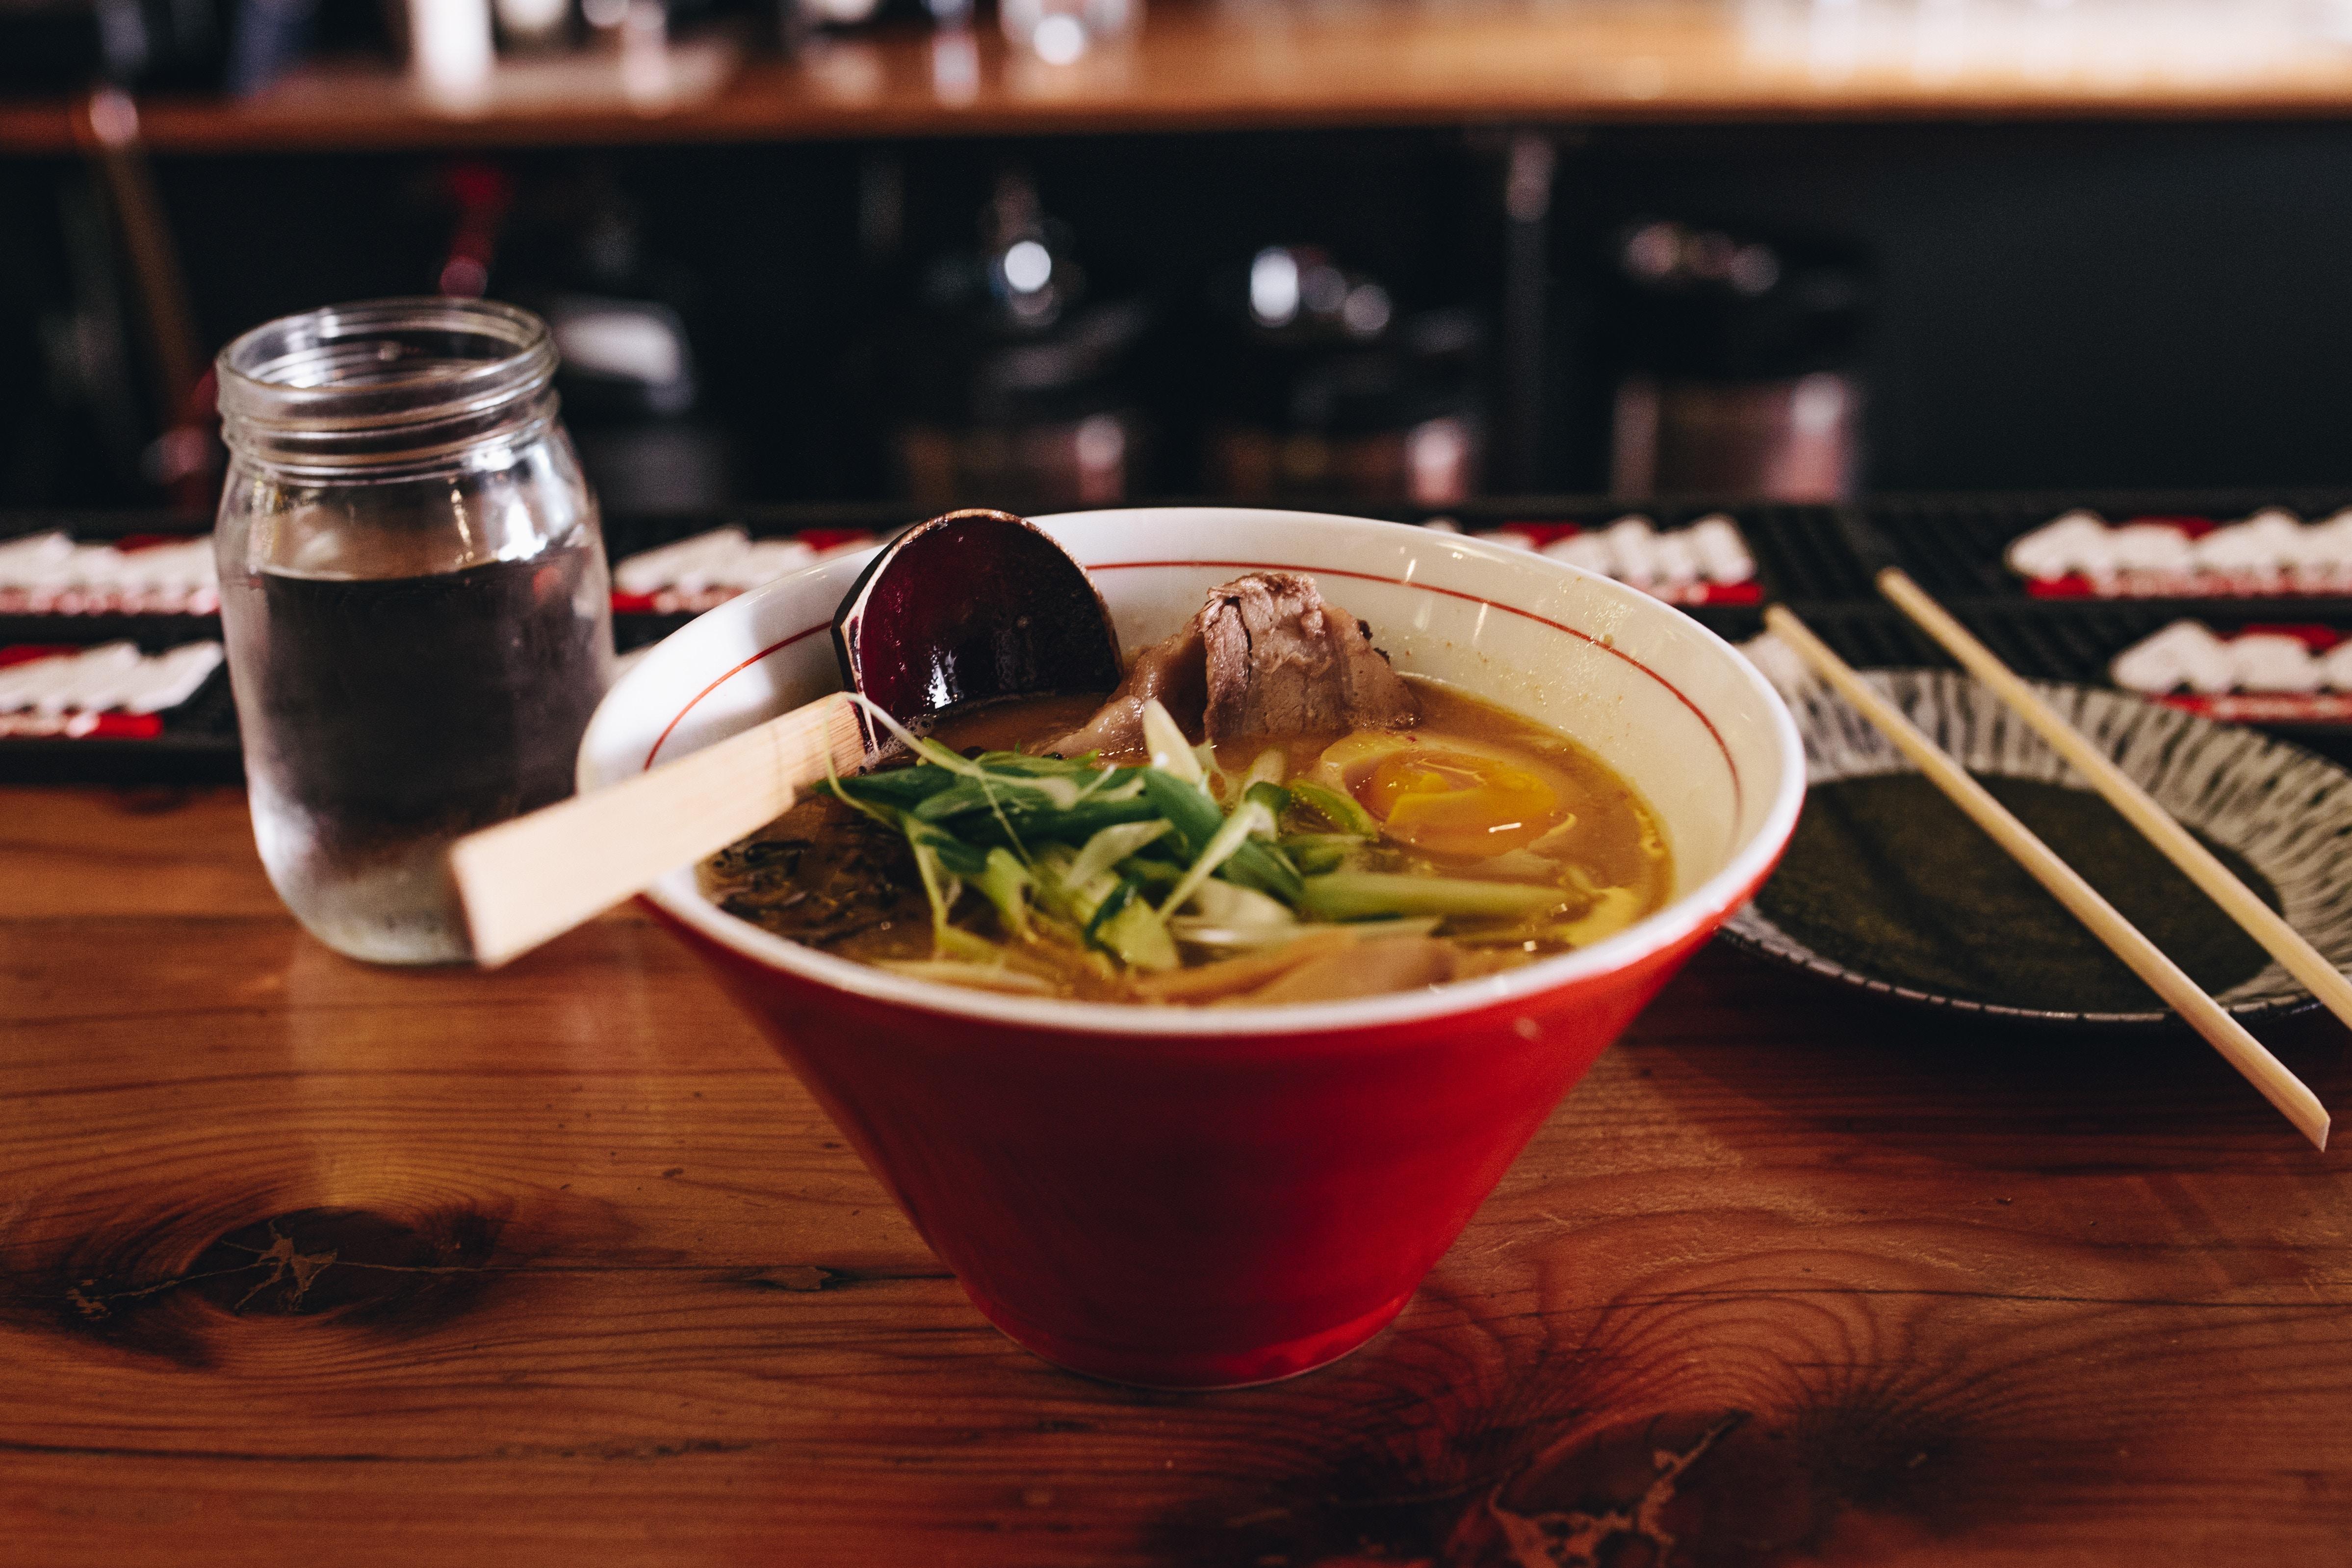 富士市でラーメンを食べよう!深夜営業の人気店やおすすめの安い所もご紹介!